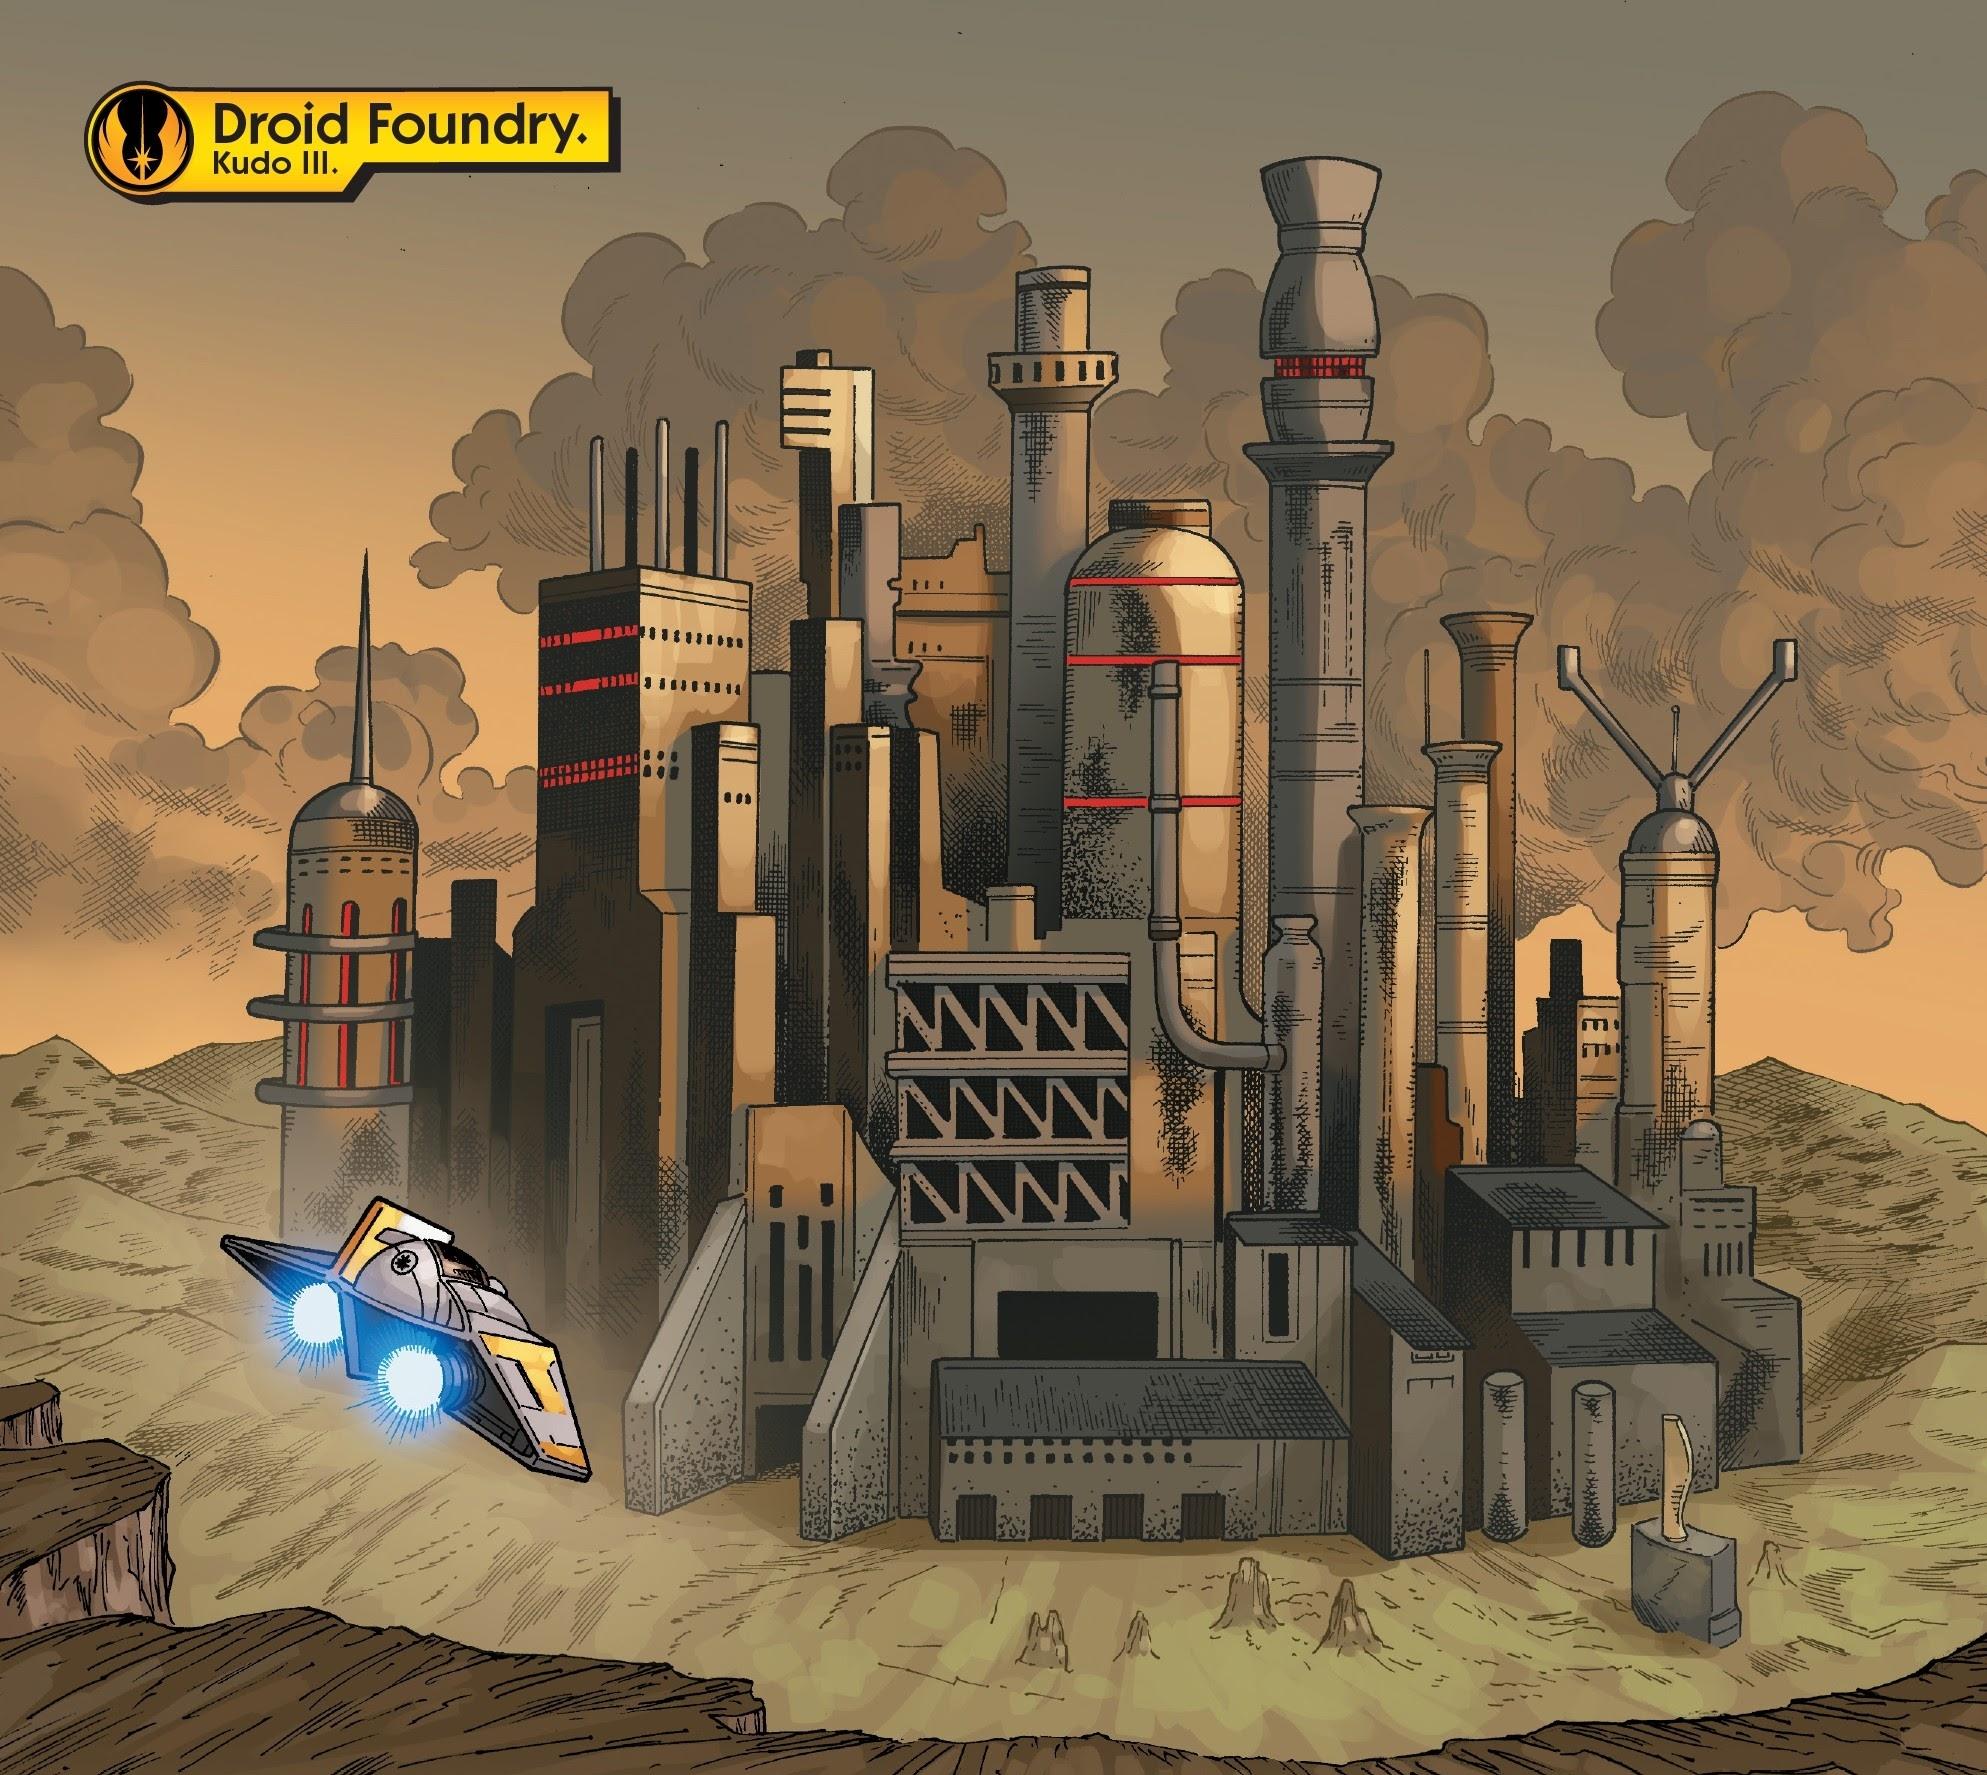 Kudo droid foundry